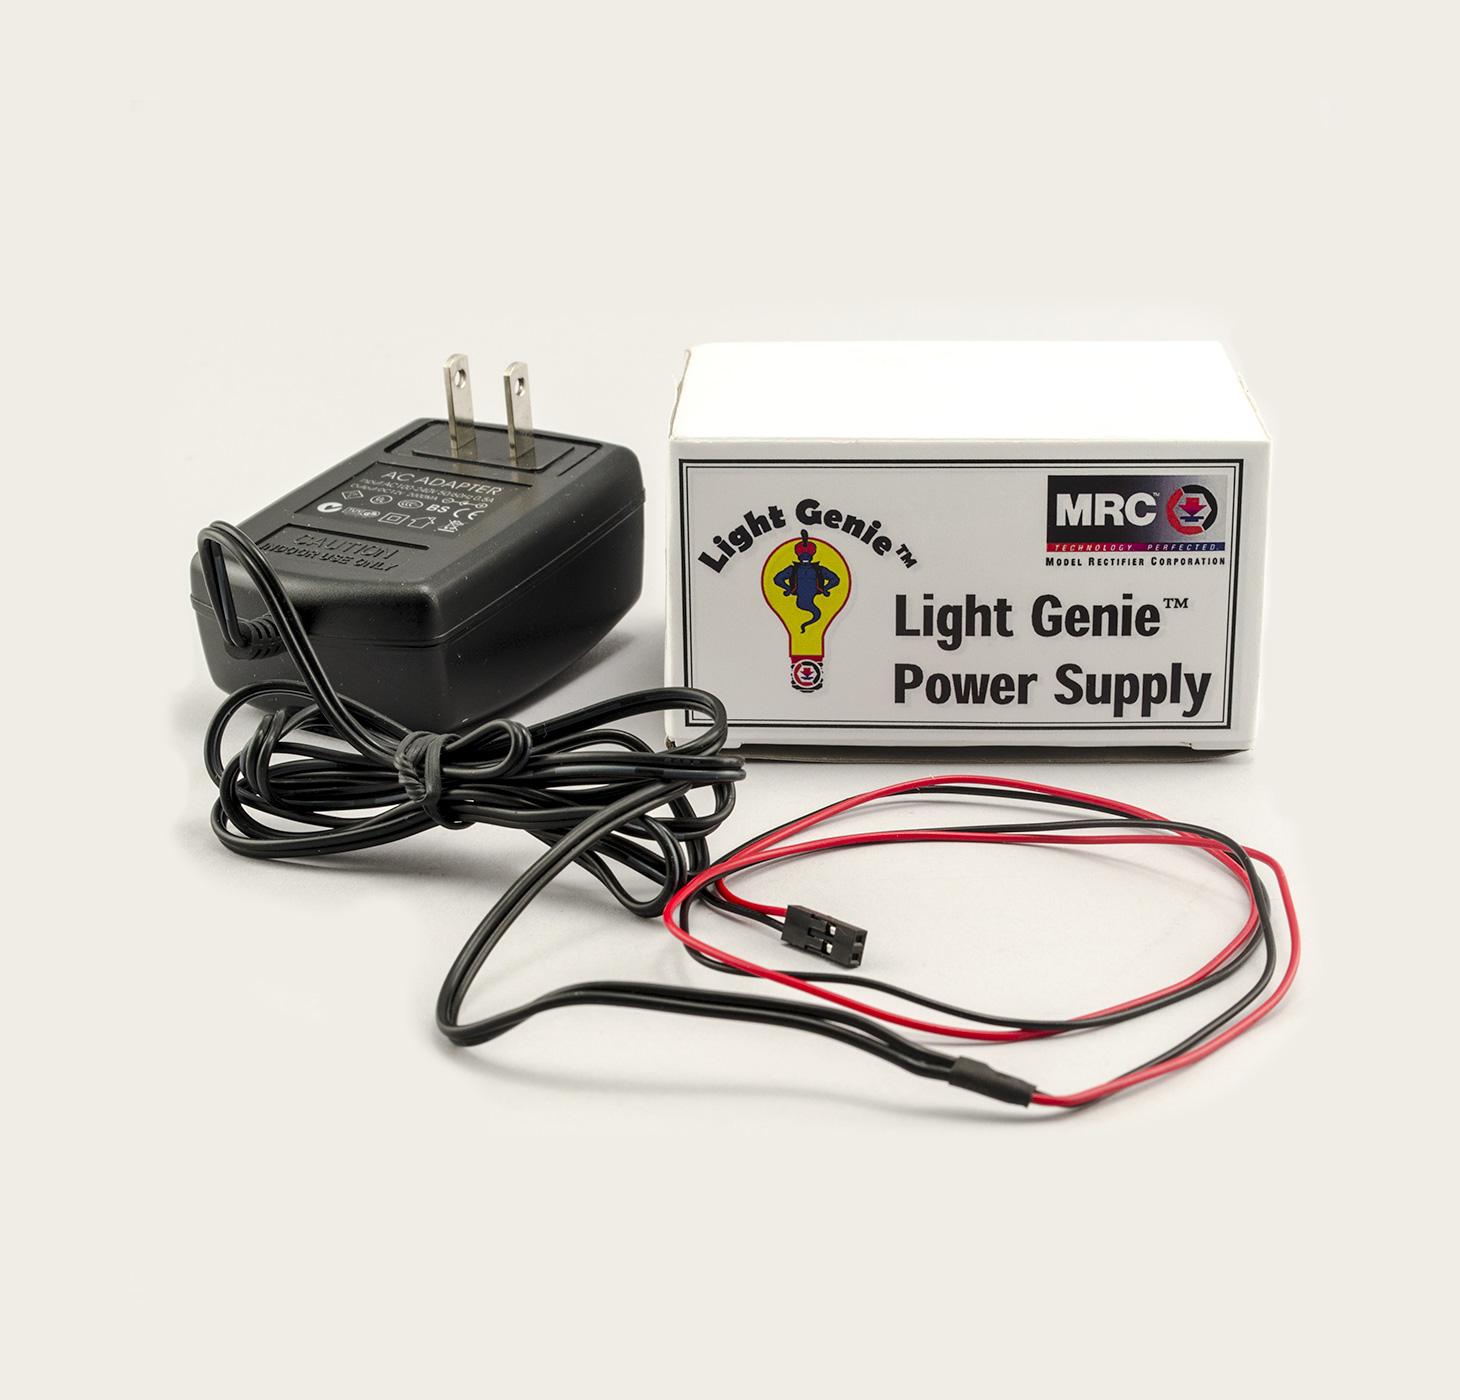 mrc_25201_light_genie_1a_power_supply